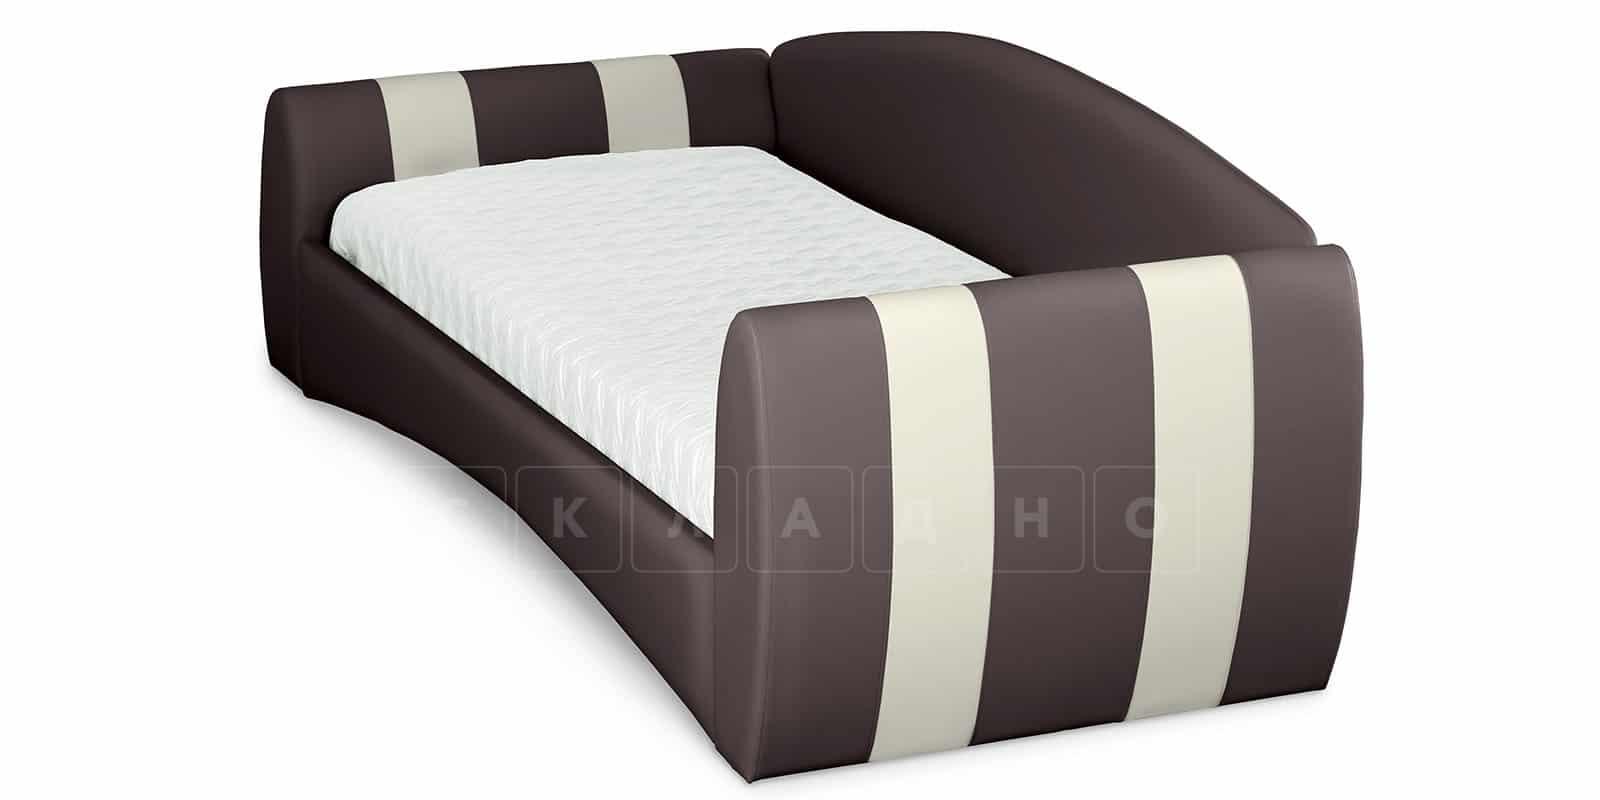 Мягкая кровать Монако 90х190см шоколадного цвета правая фото 4 | интернет-магазин Складно